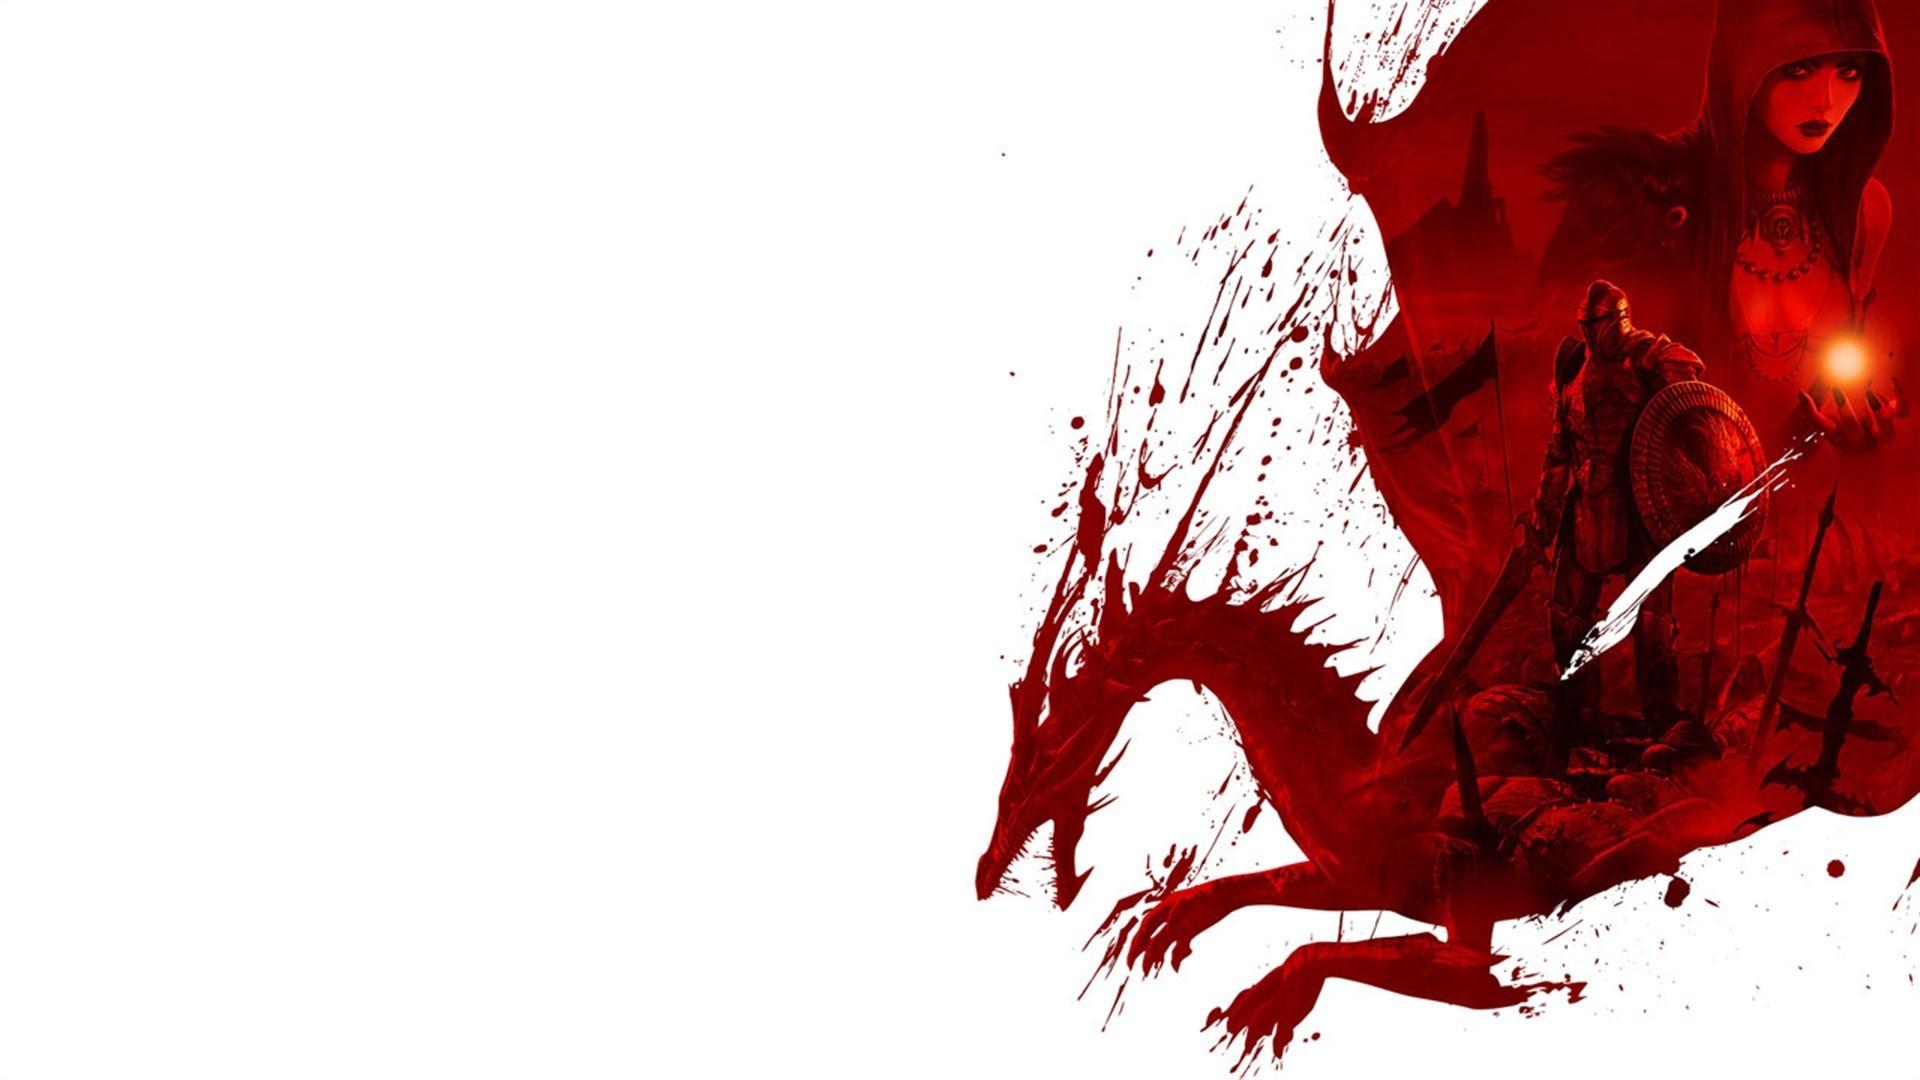 Nowa jakość Dragon Age Origins. Mod poprawia ponad dwa tysiące tekstur